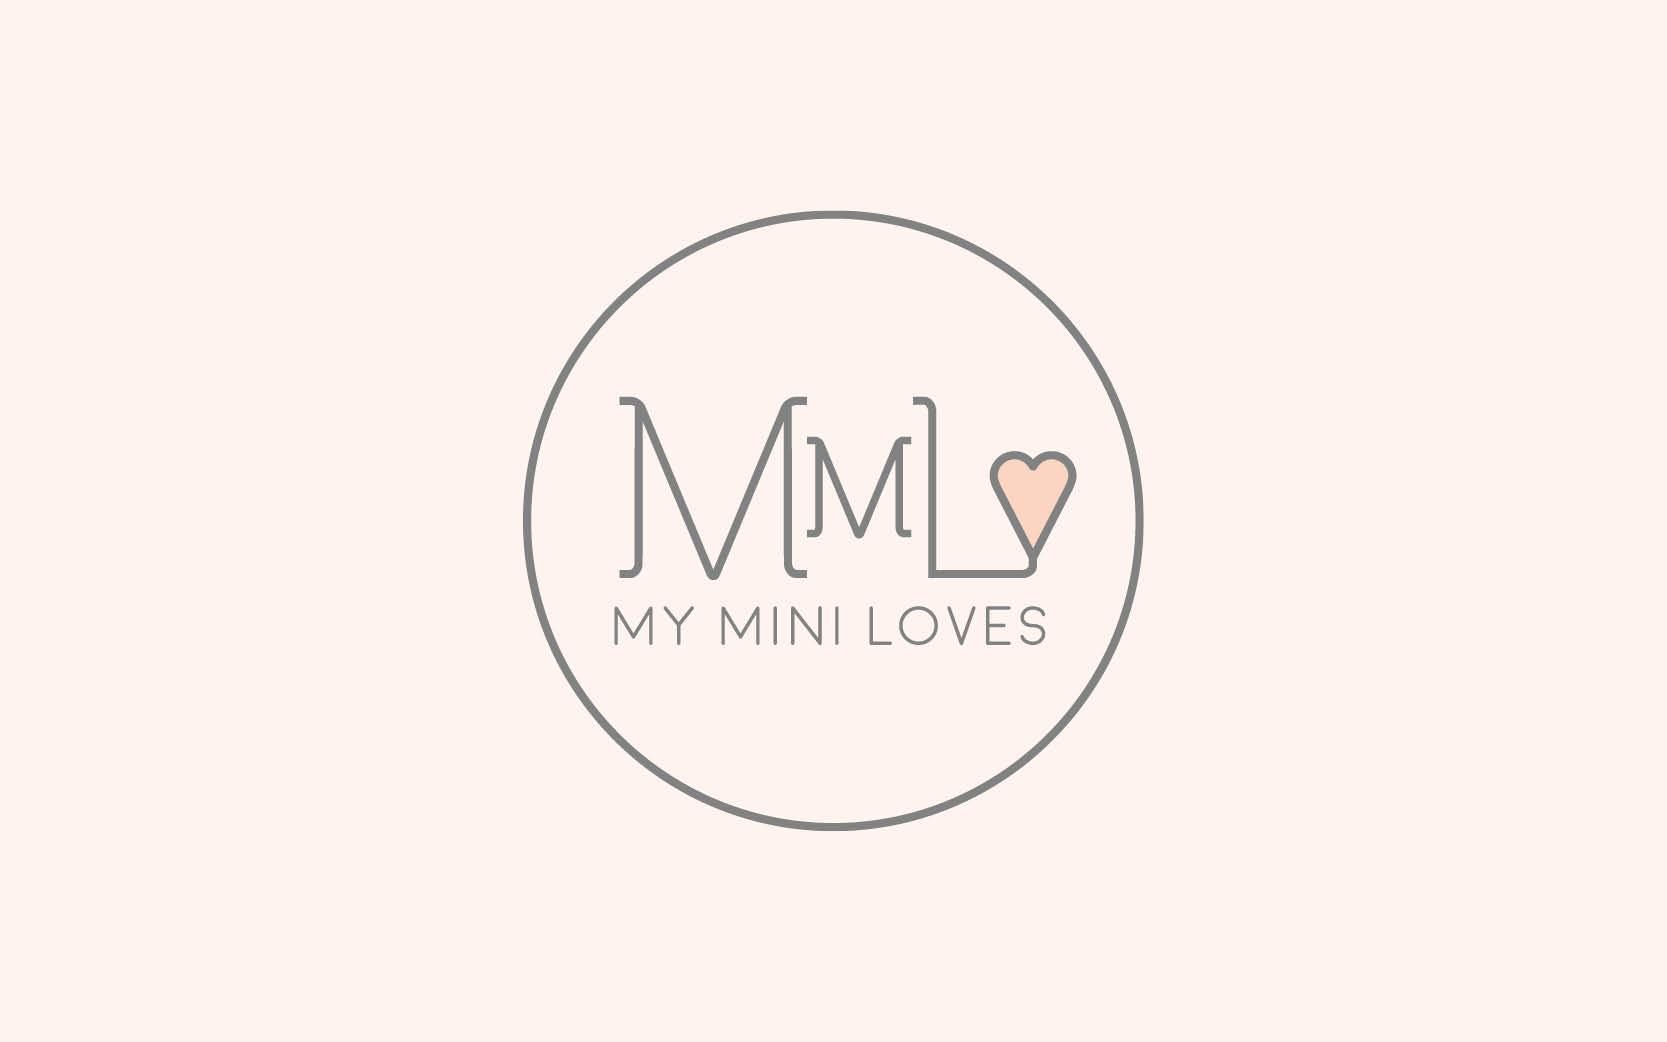 My Mini Loves - Branding